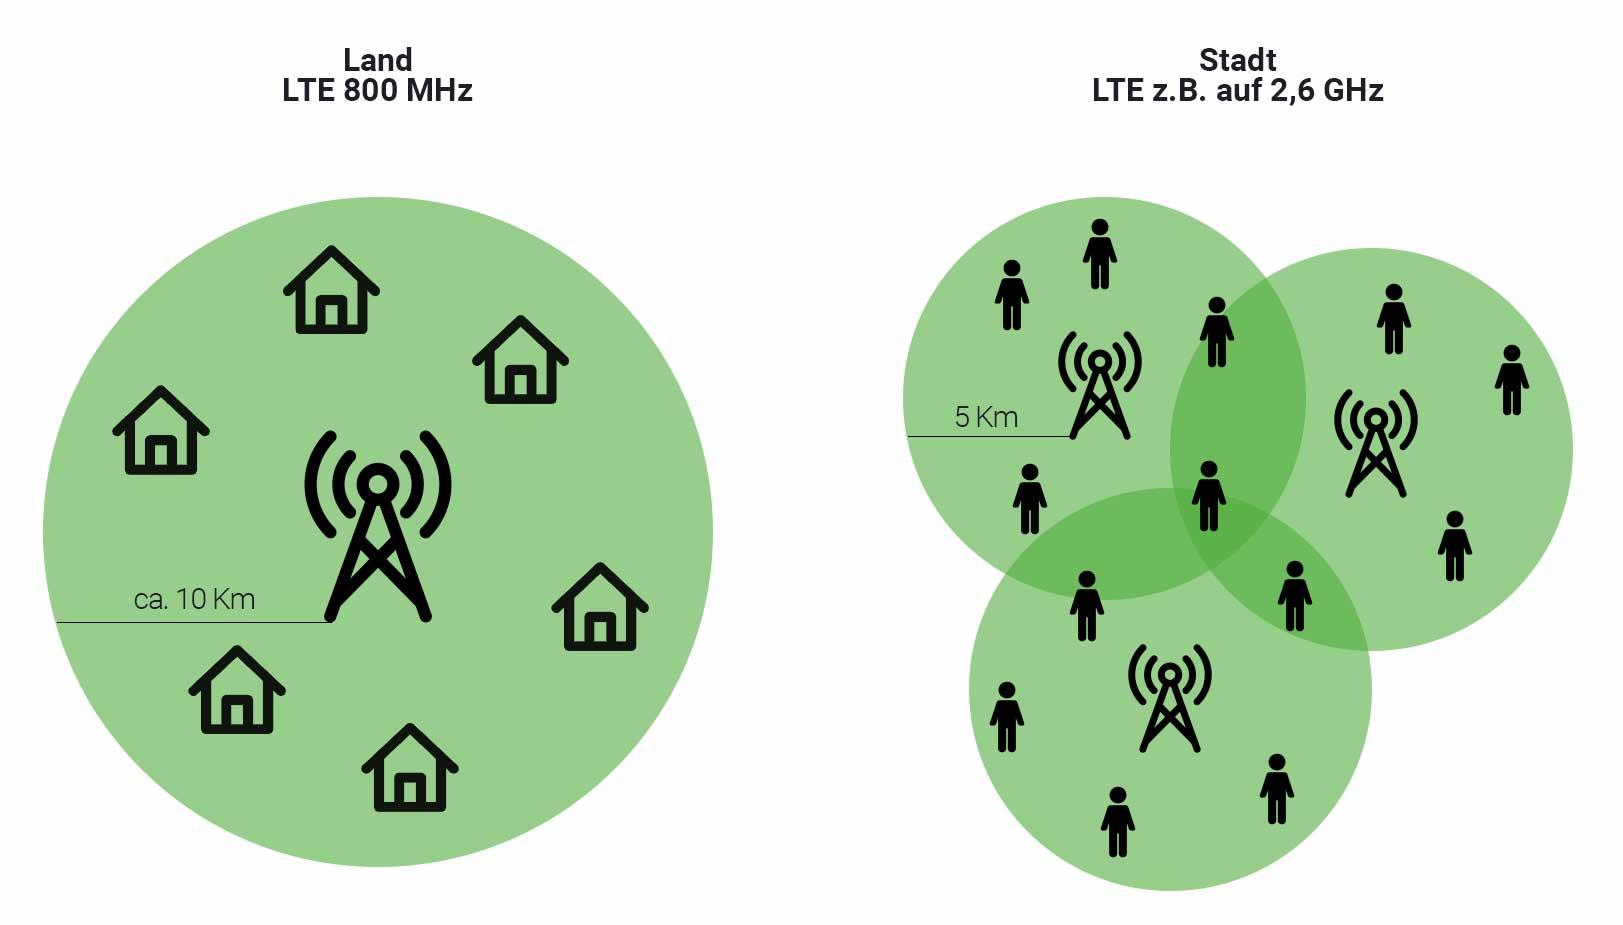 Stadt vs Land Mobilfunkmasten